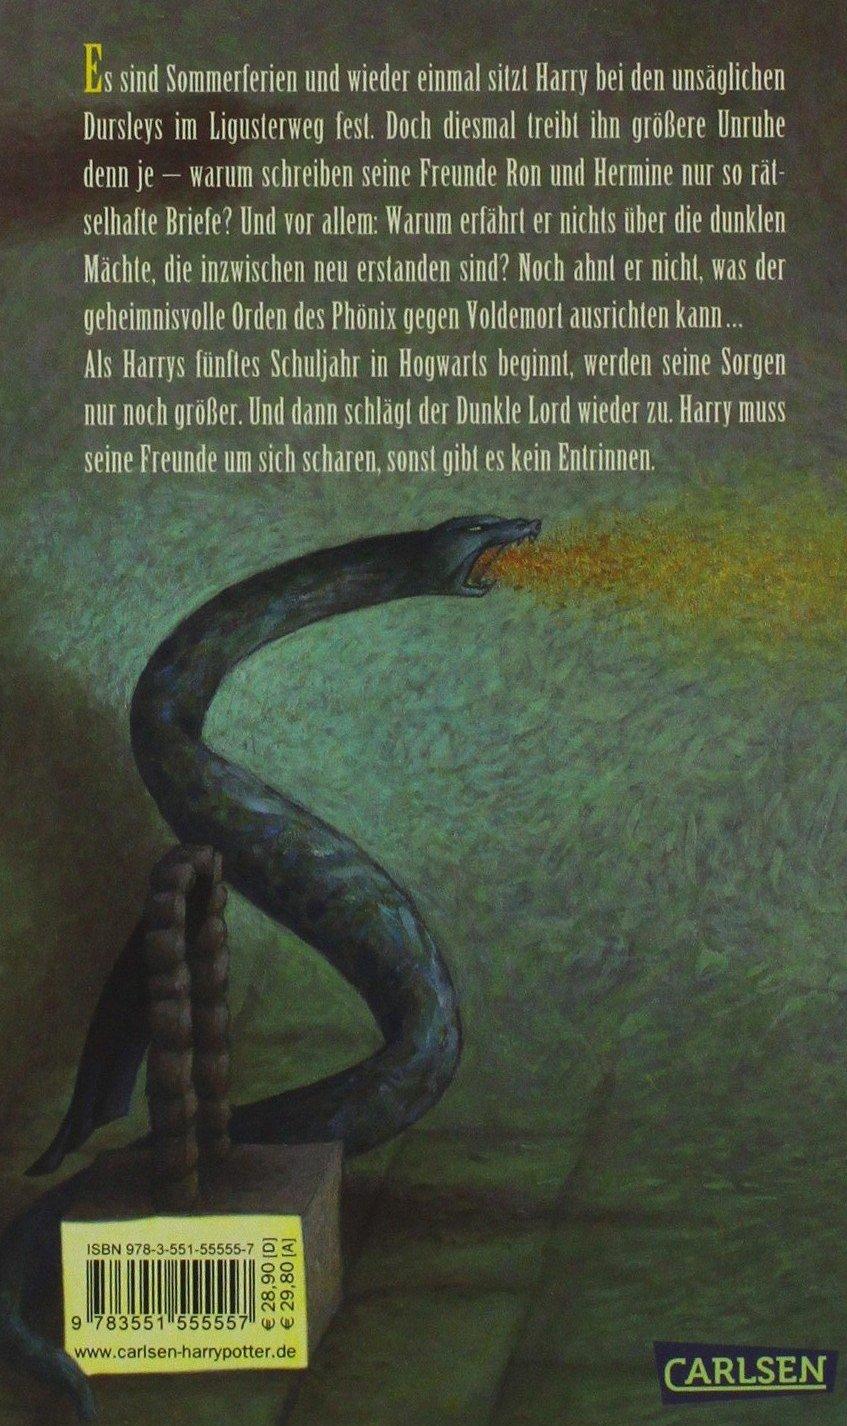 Harry Potter Und Der Orden Des Phonix 5 Amazon Es Rowling J K Libros En Idiomas Extranjeros